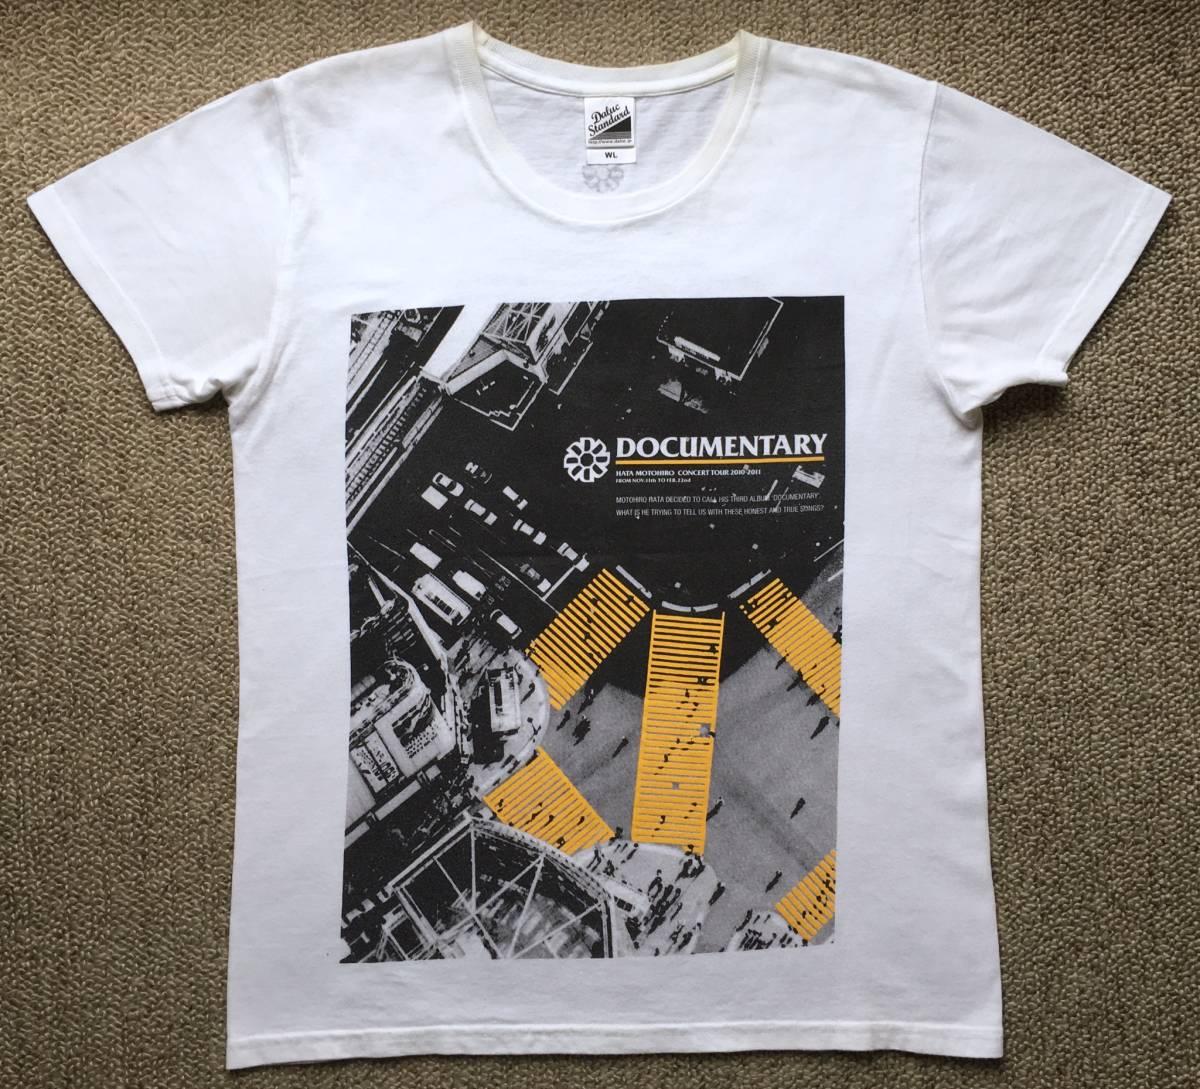 美品☆秦基博 DOCUMENTARY ドキュメンタリー 2010-2011 ツアーグッズ Tシャツ